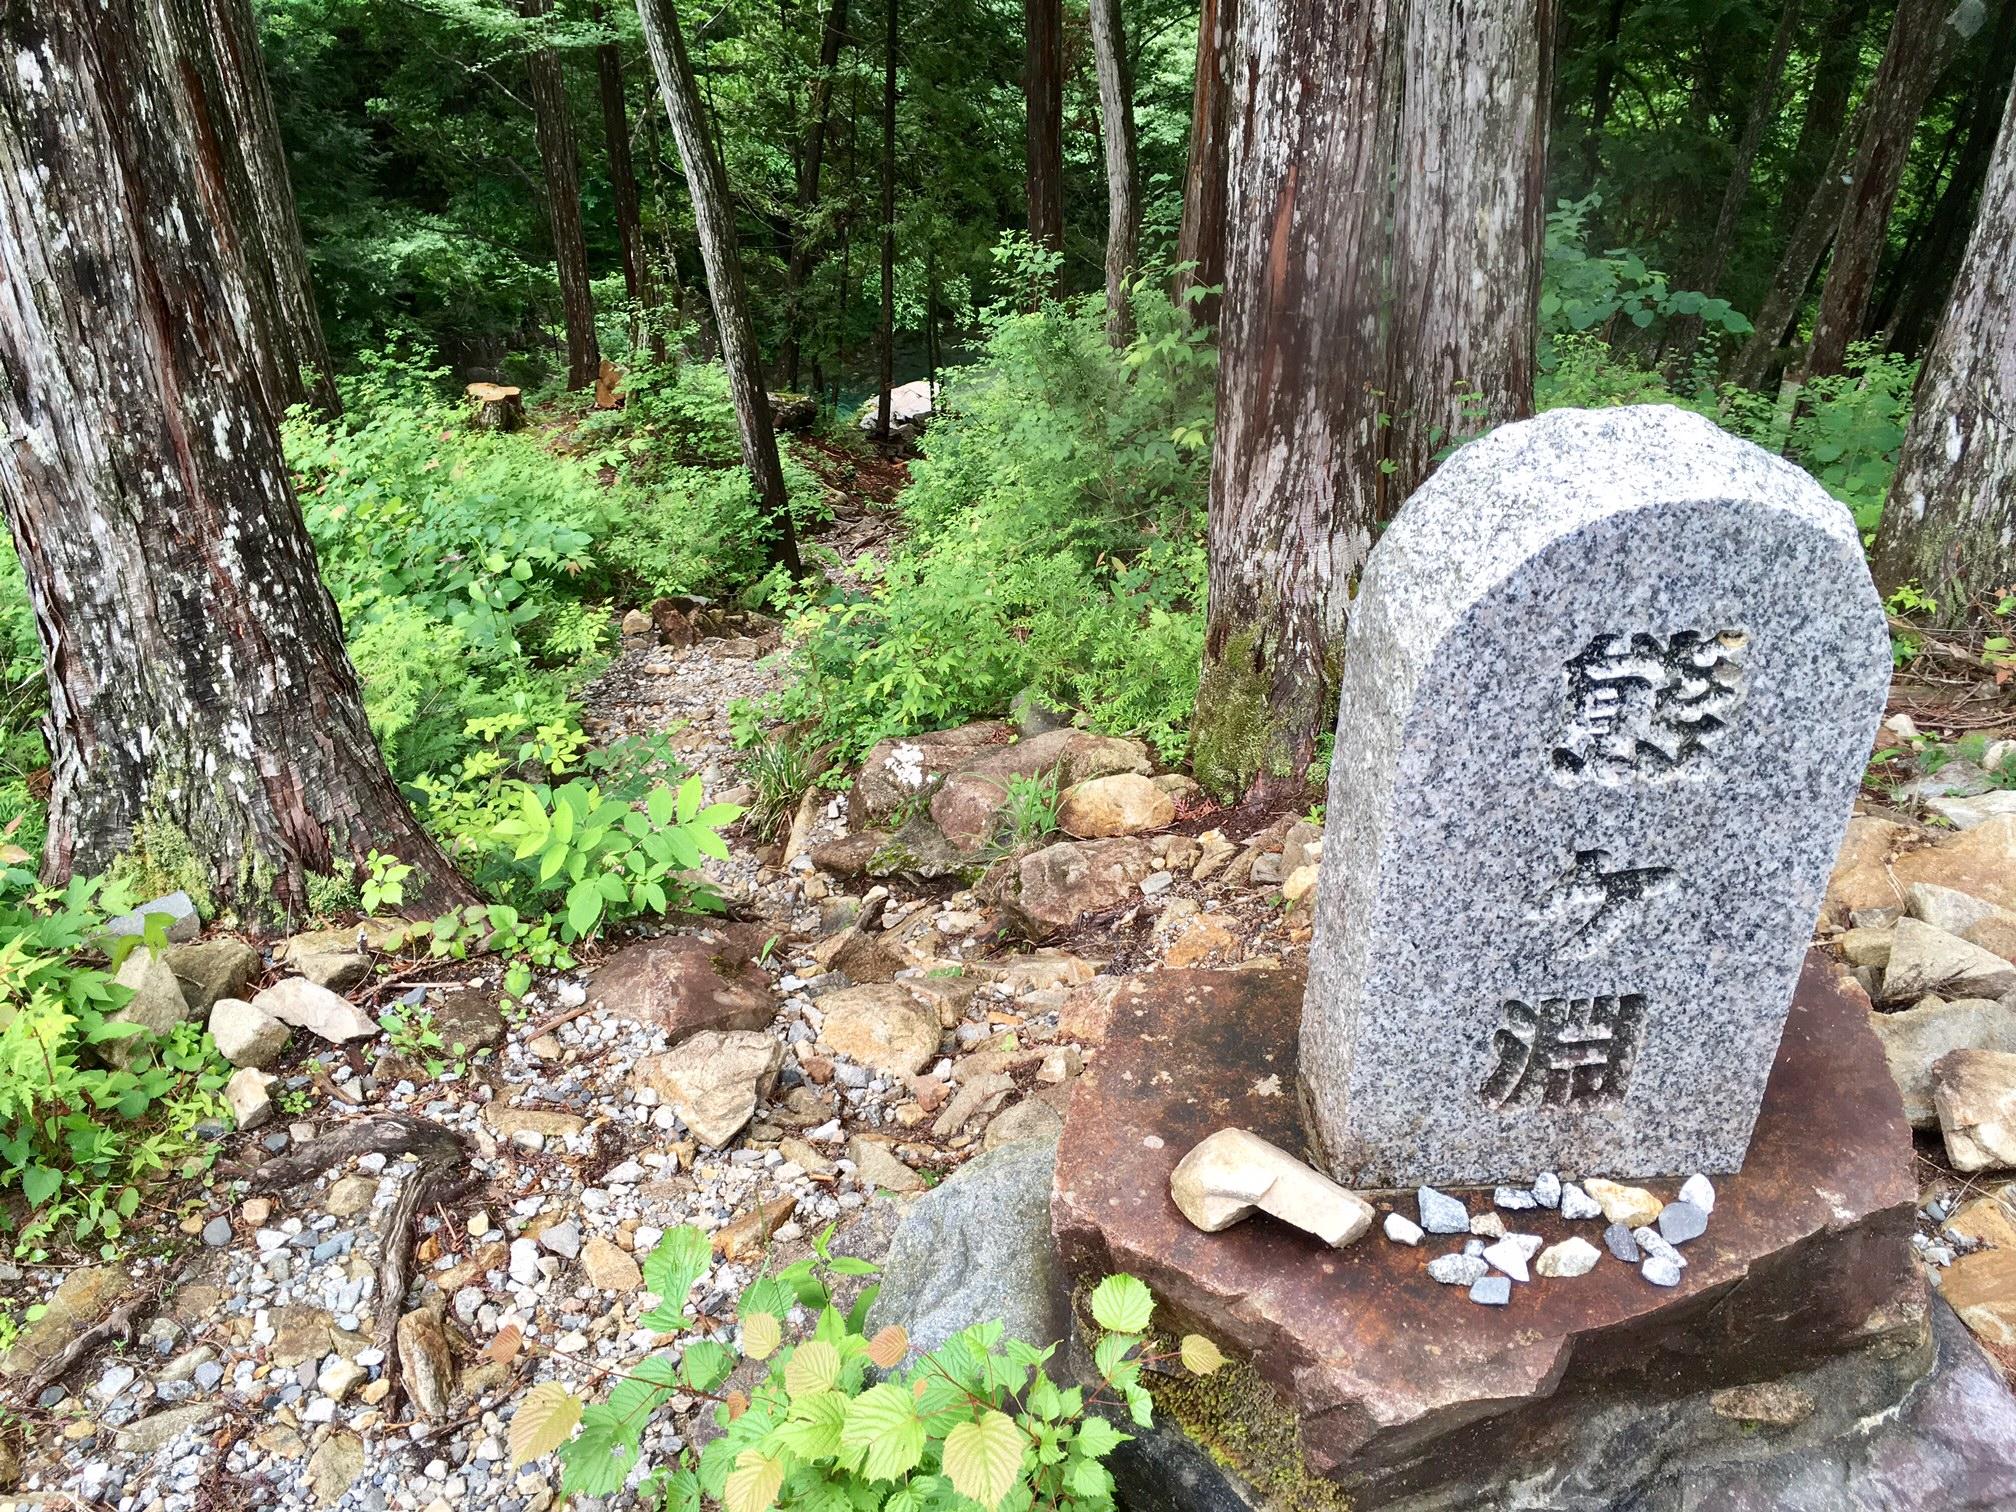 【名古屋から行ける避暑地・前編】この夏行きたいエメラルドの秘境『阿寺渓谷』 - kuma